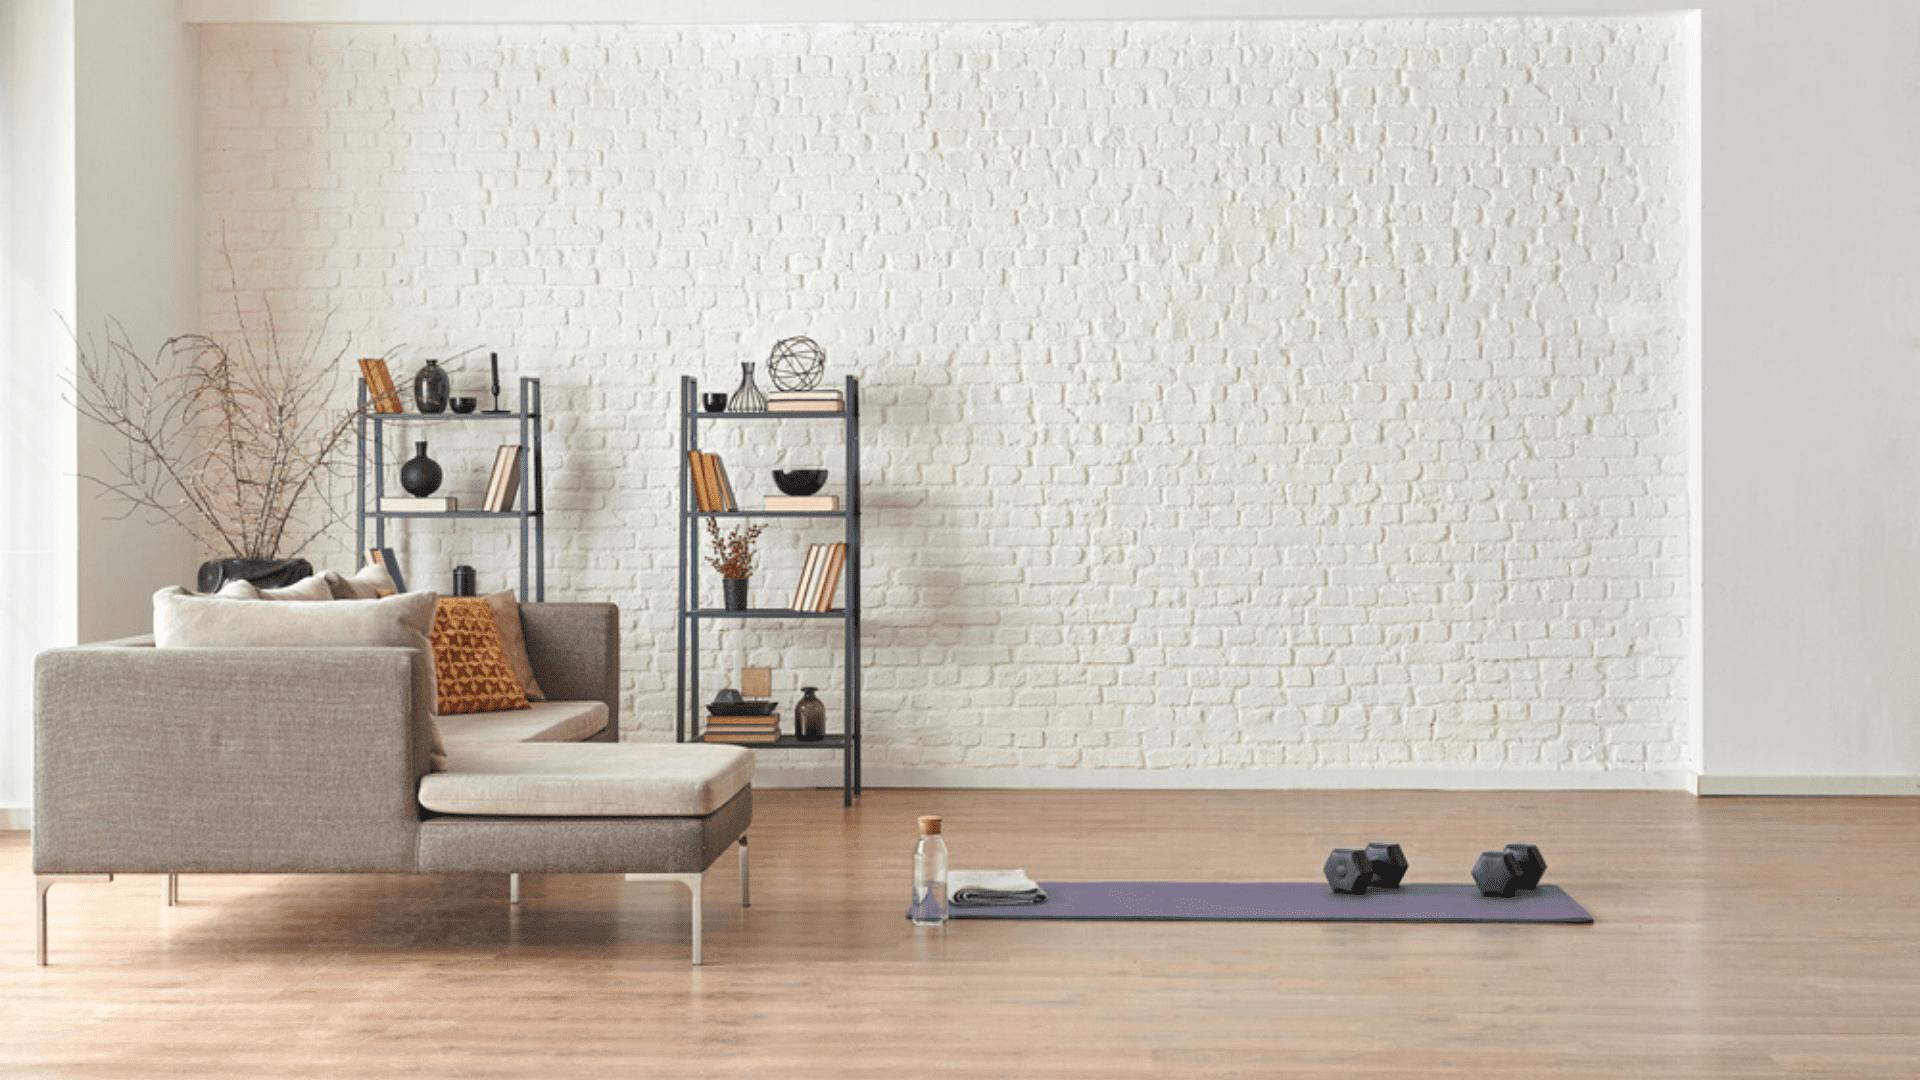 Veja as nossas dicas de equipamentos para montar uma academia em casa! (Imagem: Reprodução/Shutterstock)